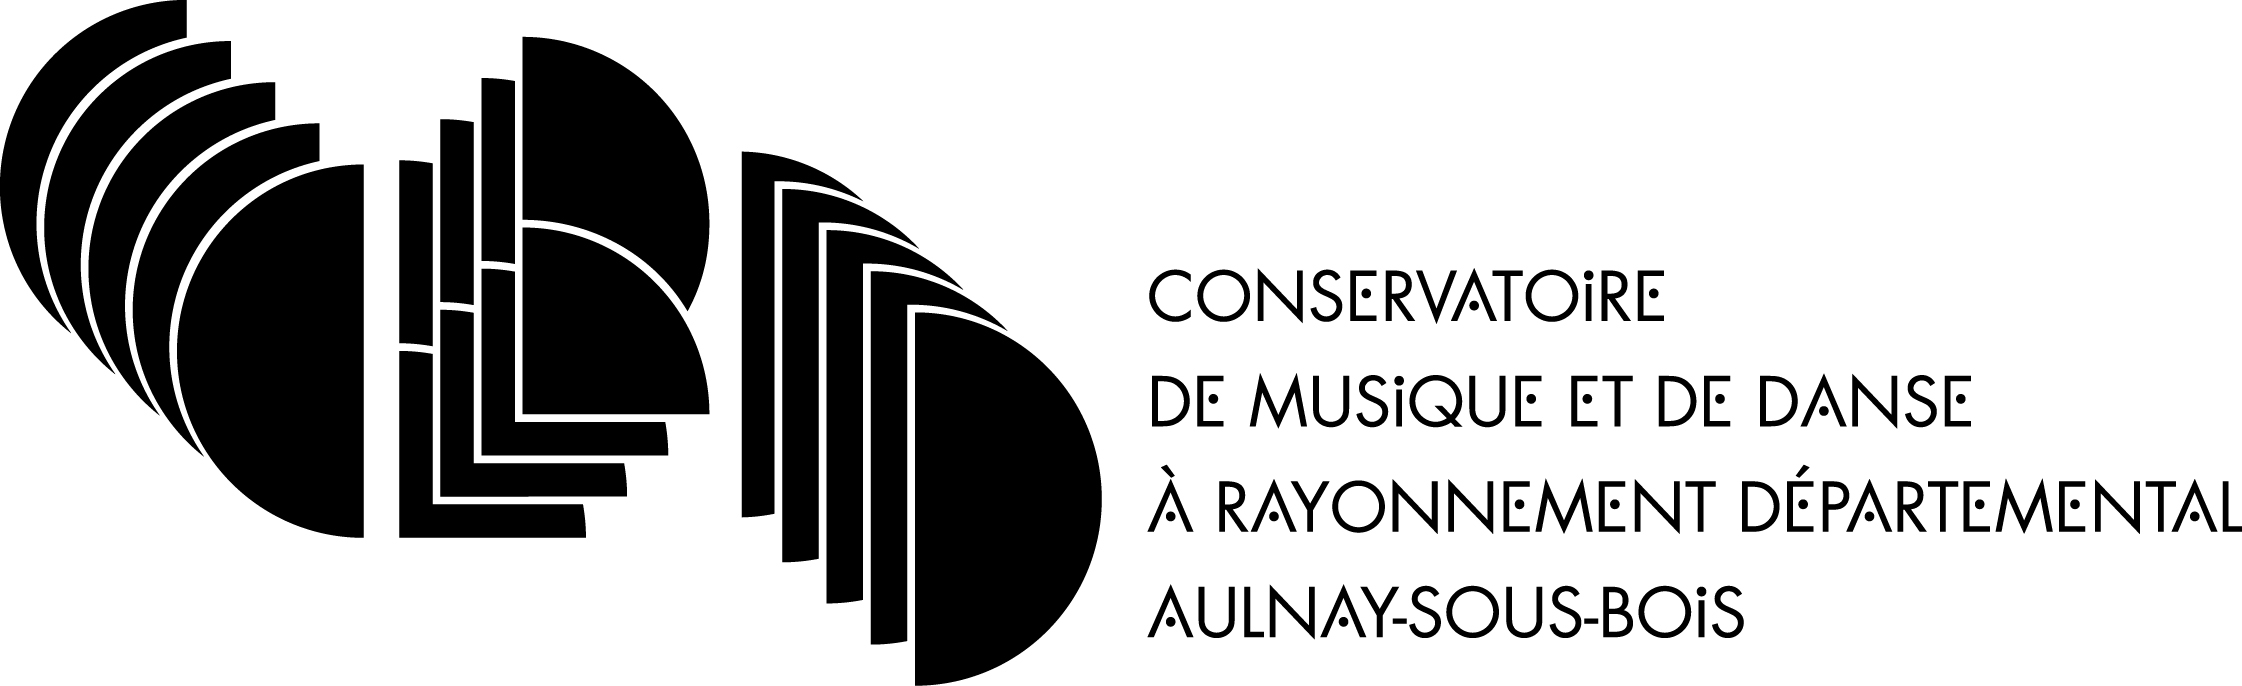 Partners  ProQuartet  Centre européen de musique de  ~ Banque Populaire Rives De Paris Sainte Genevieve Des Bois